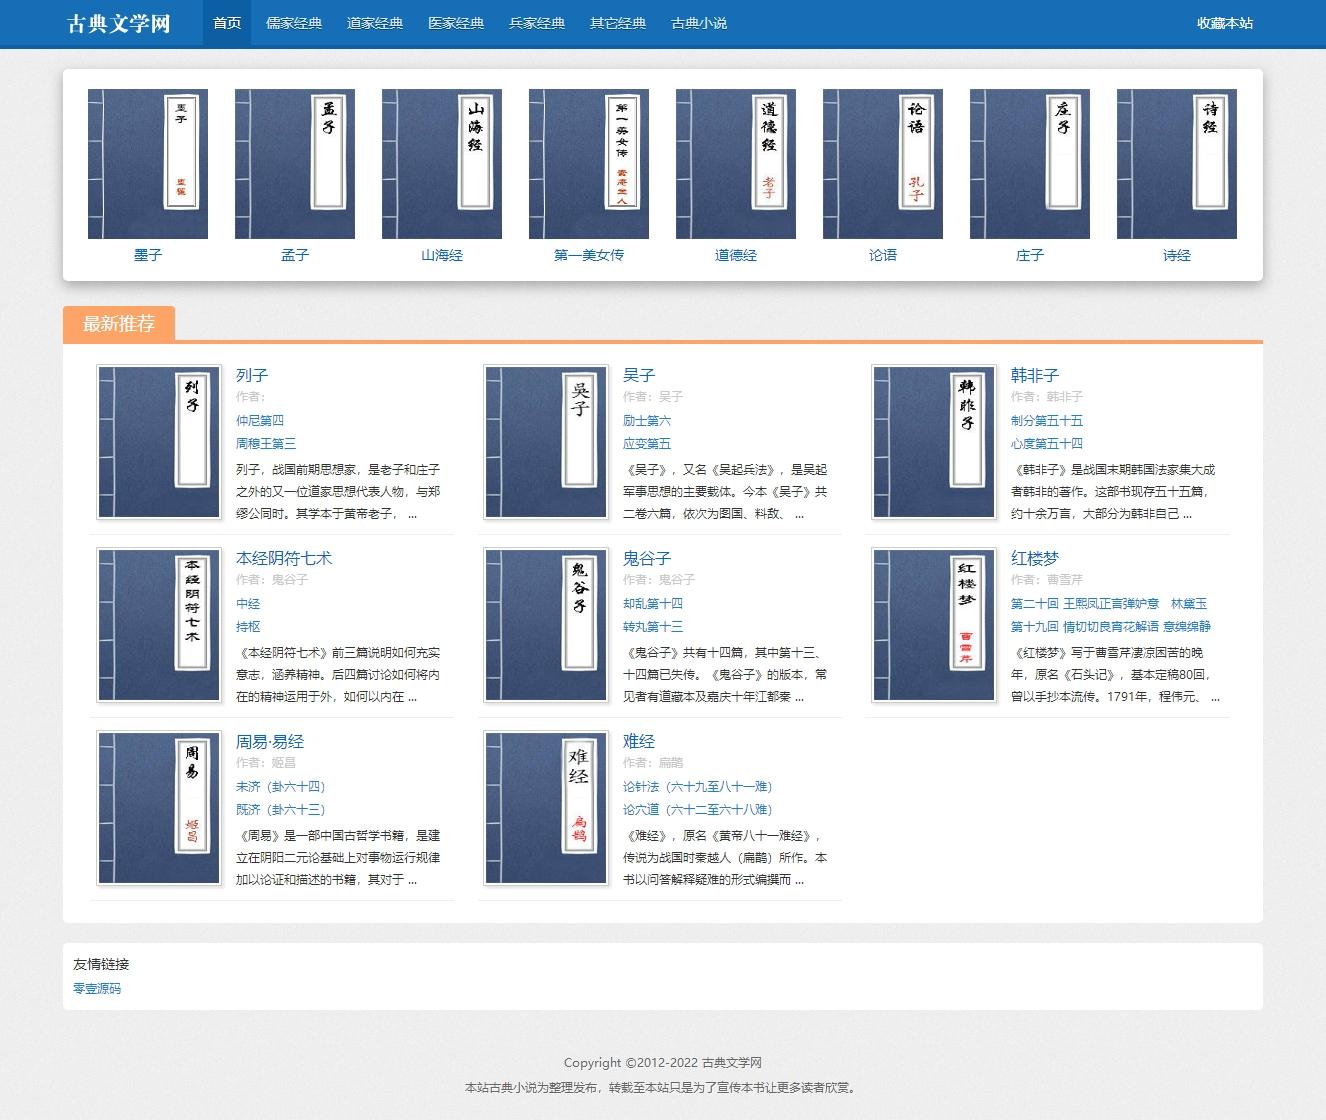 织梦dedecms简洁古典文学网站整站模板